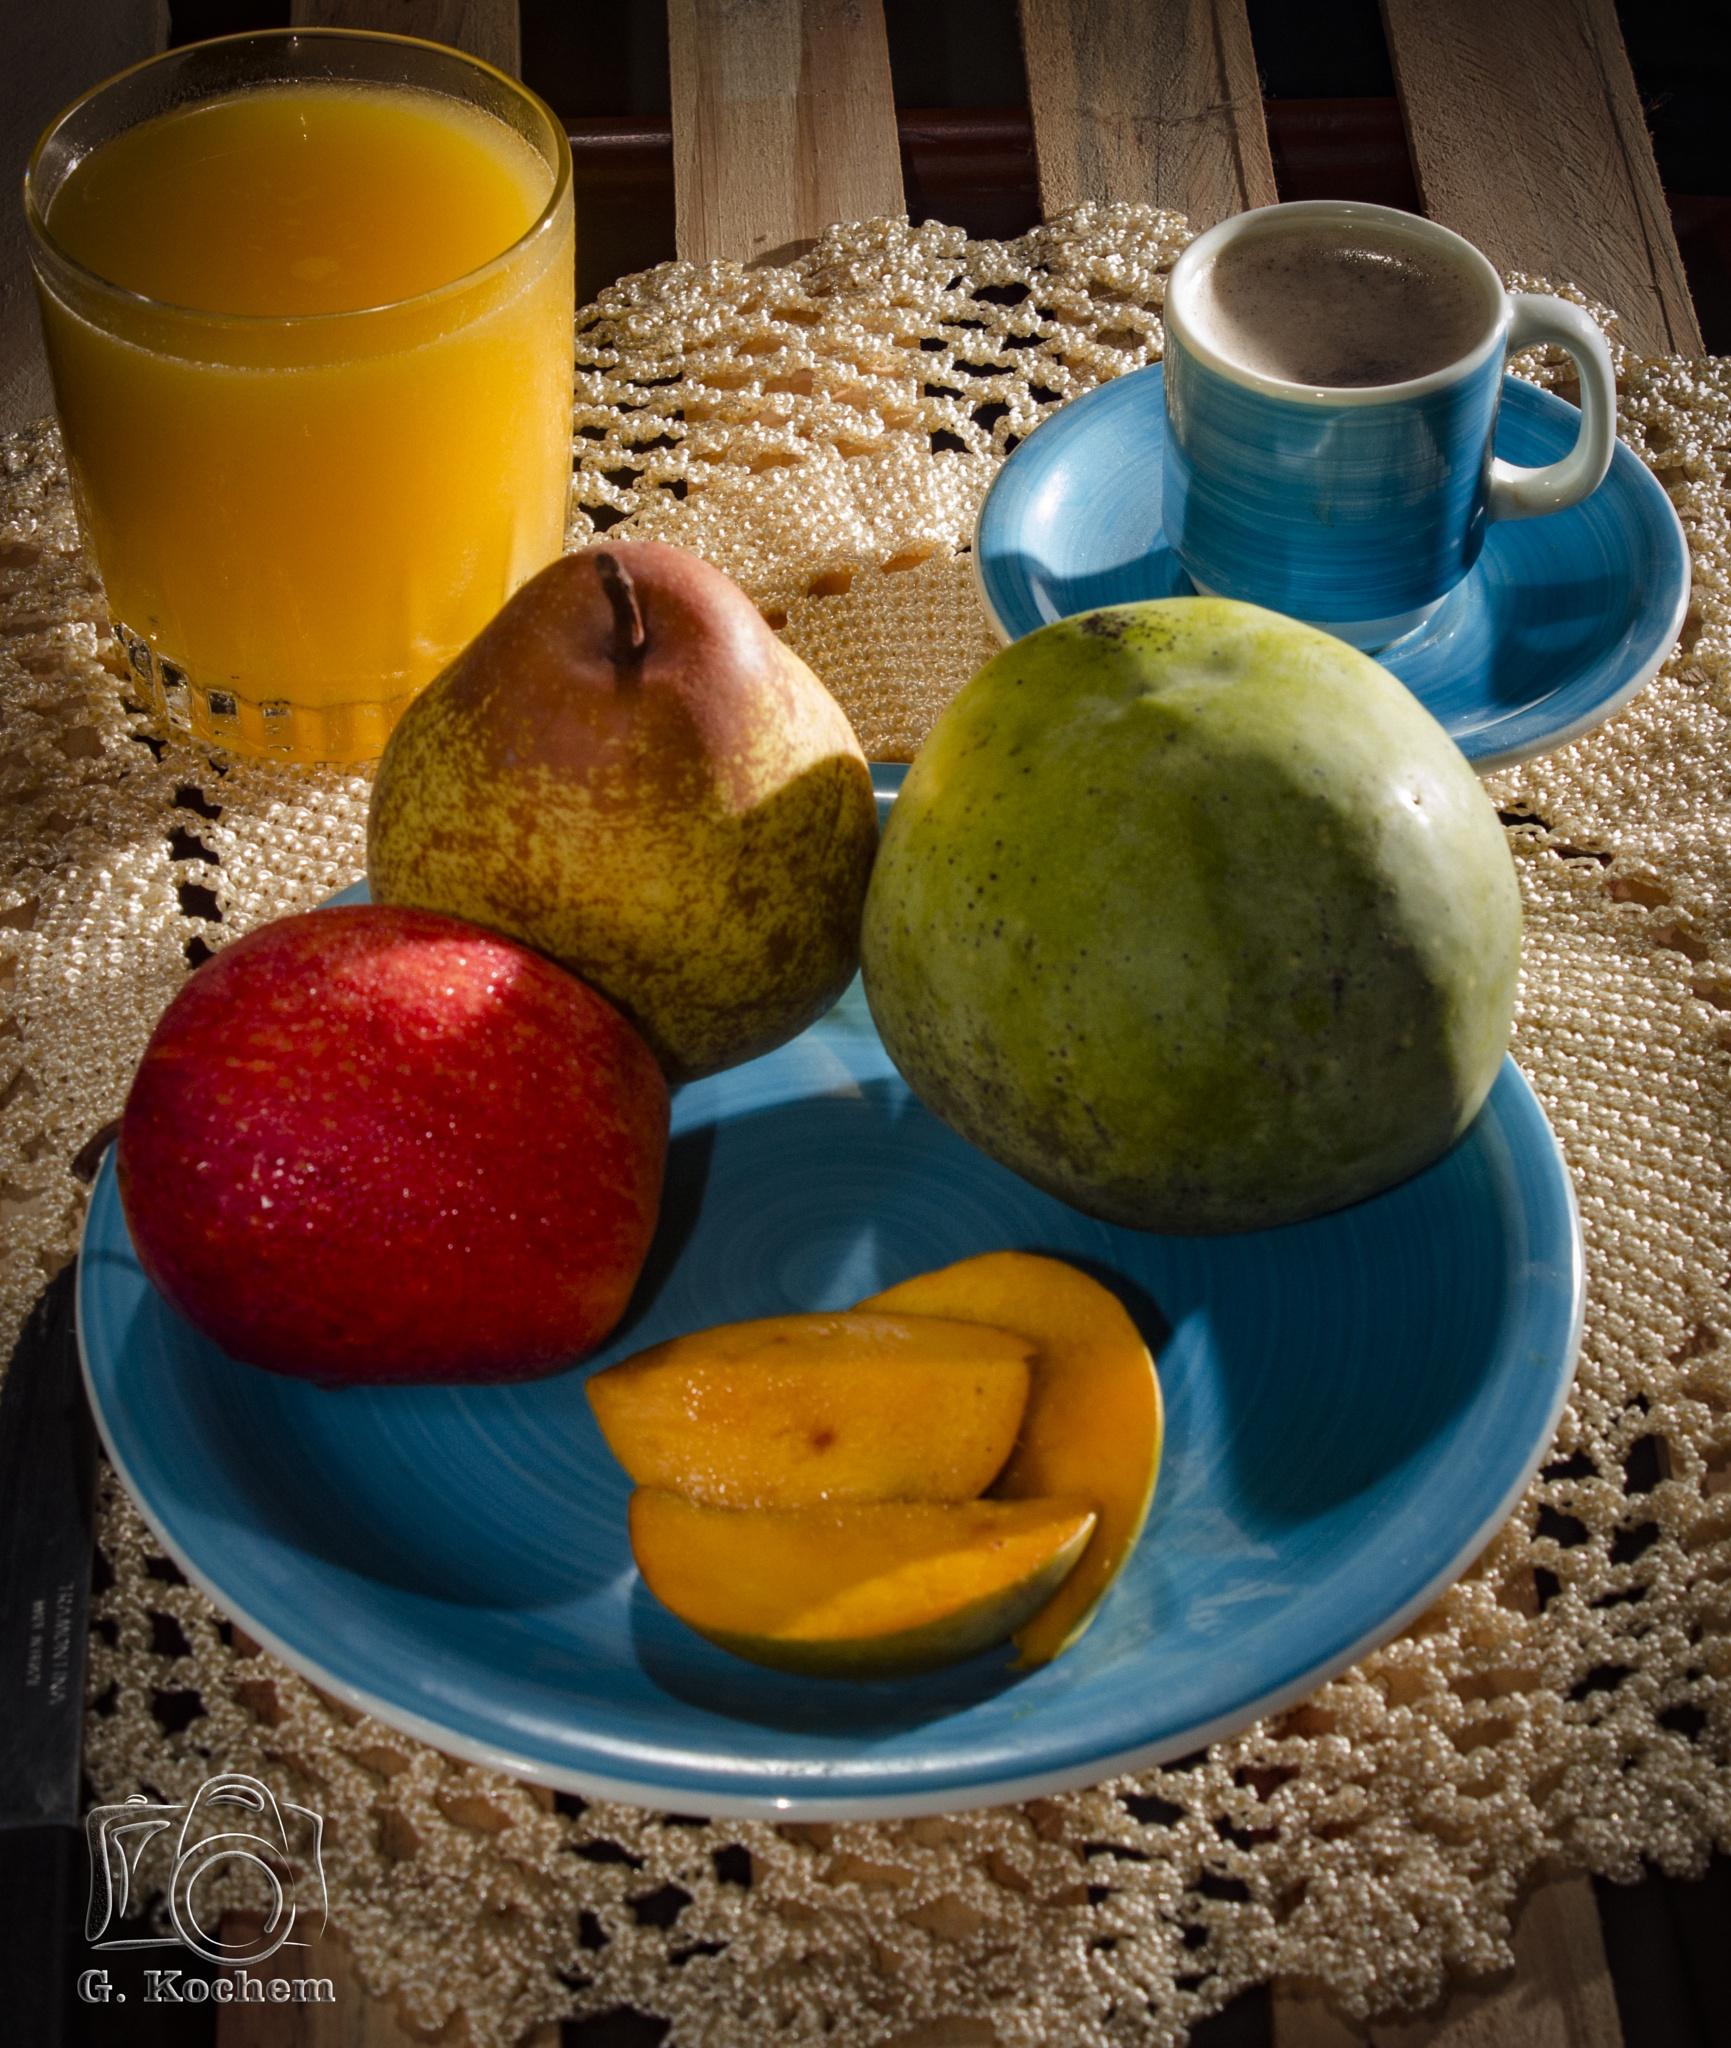 Café da manhã saudave!!! by gkochem